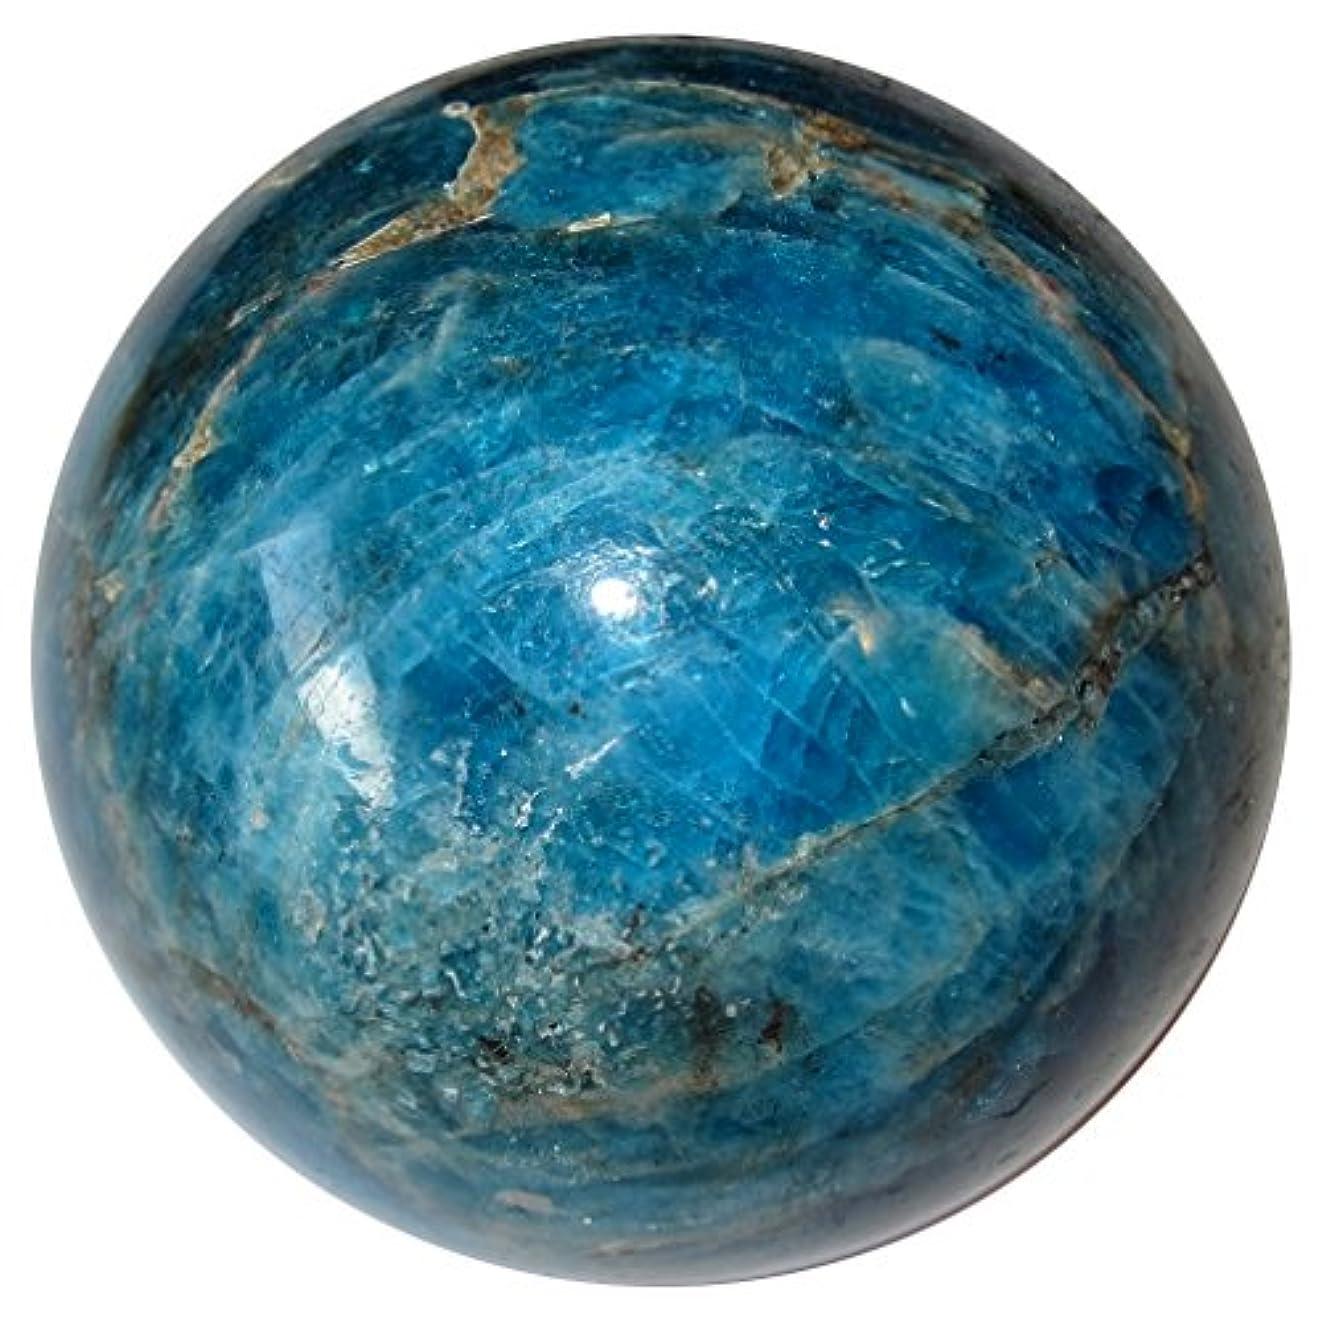 真空助言する額アパタイトボール68 IntenseリッチTealブルークリスタルHealing球Weight Lossエネルギーストーンマダガスカル2.1